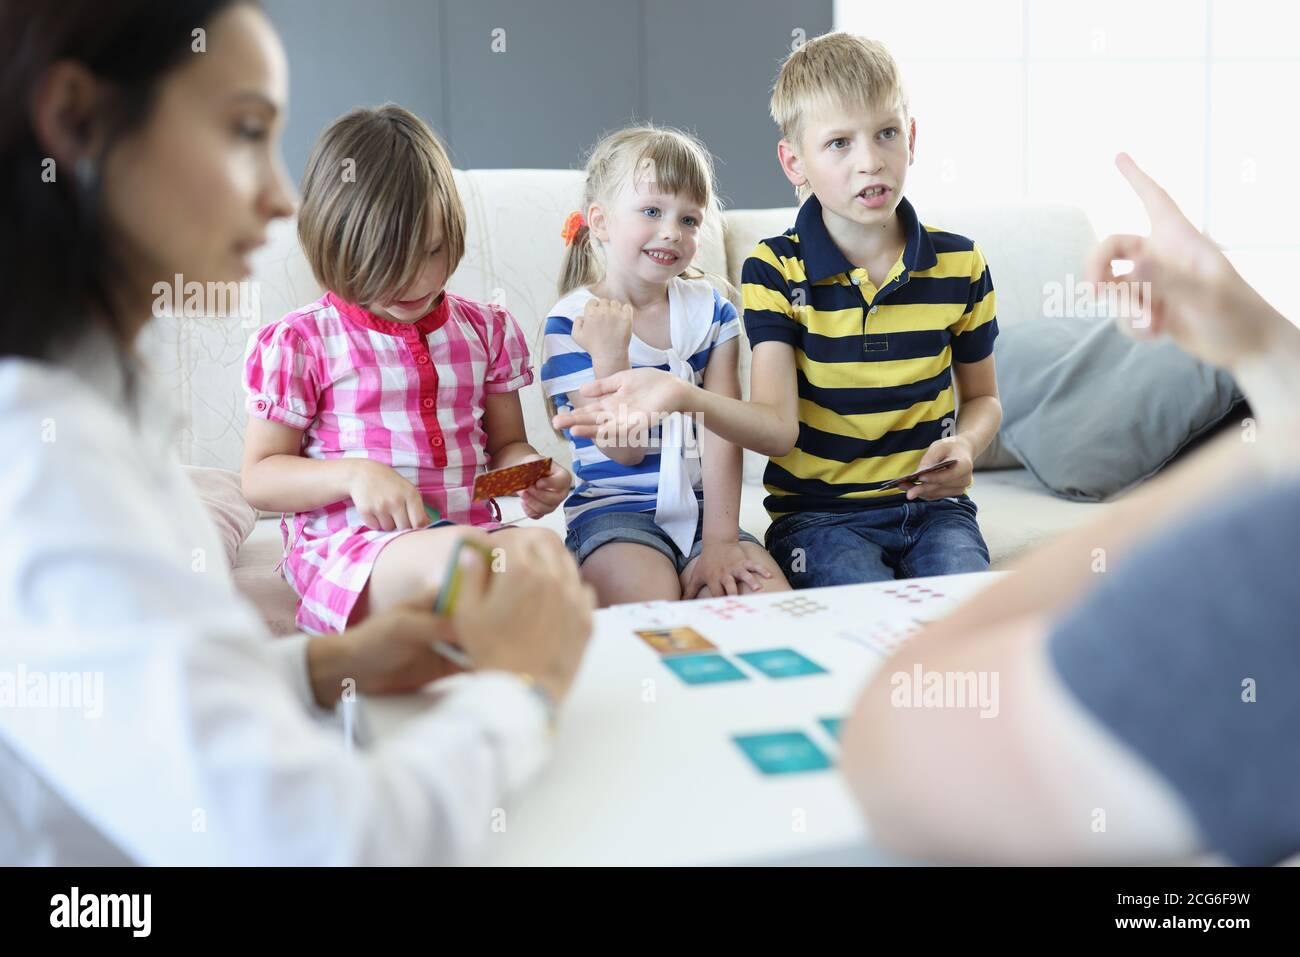 Les adultes et les enfants s'assoient autour d'une table sur laquelle les cartes à jouer sont placées, soutient garçon et discute des règles avec un adulte. Banque D'Images